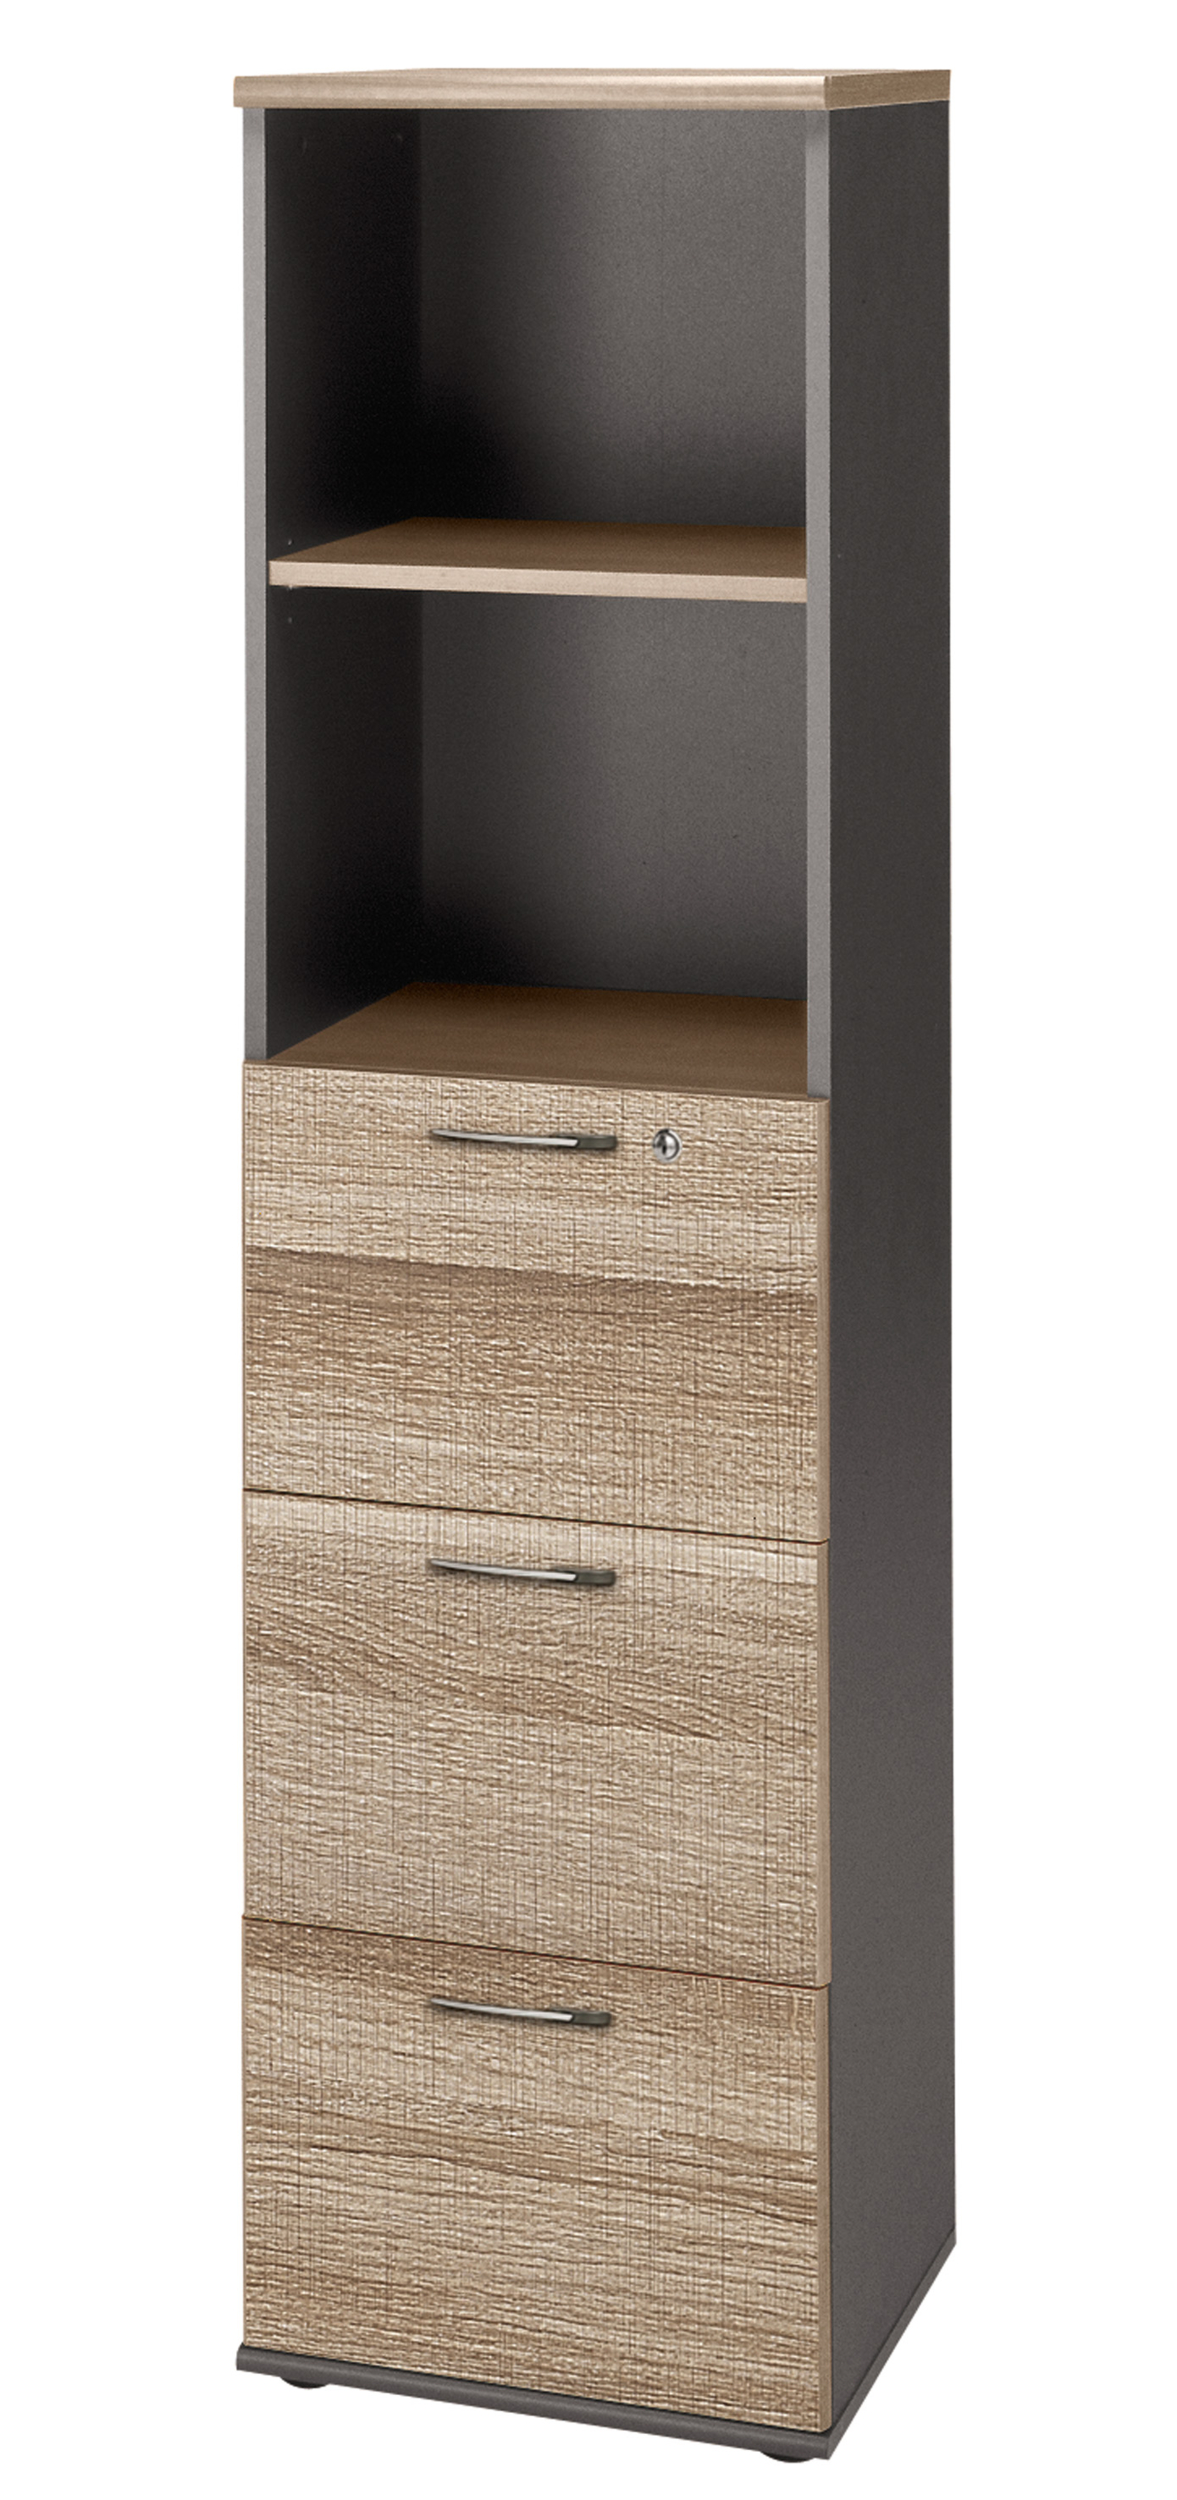 Jazz ch ne gris colonne rangements meubles armoires for Meuble bureau jazz